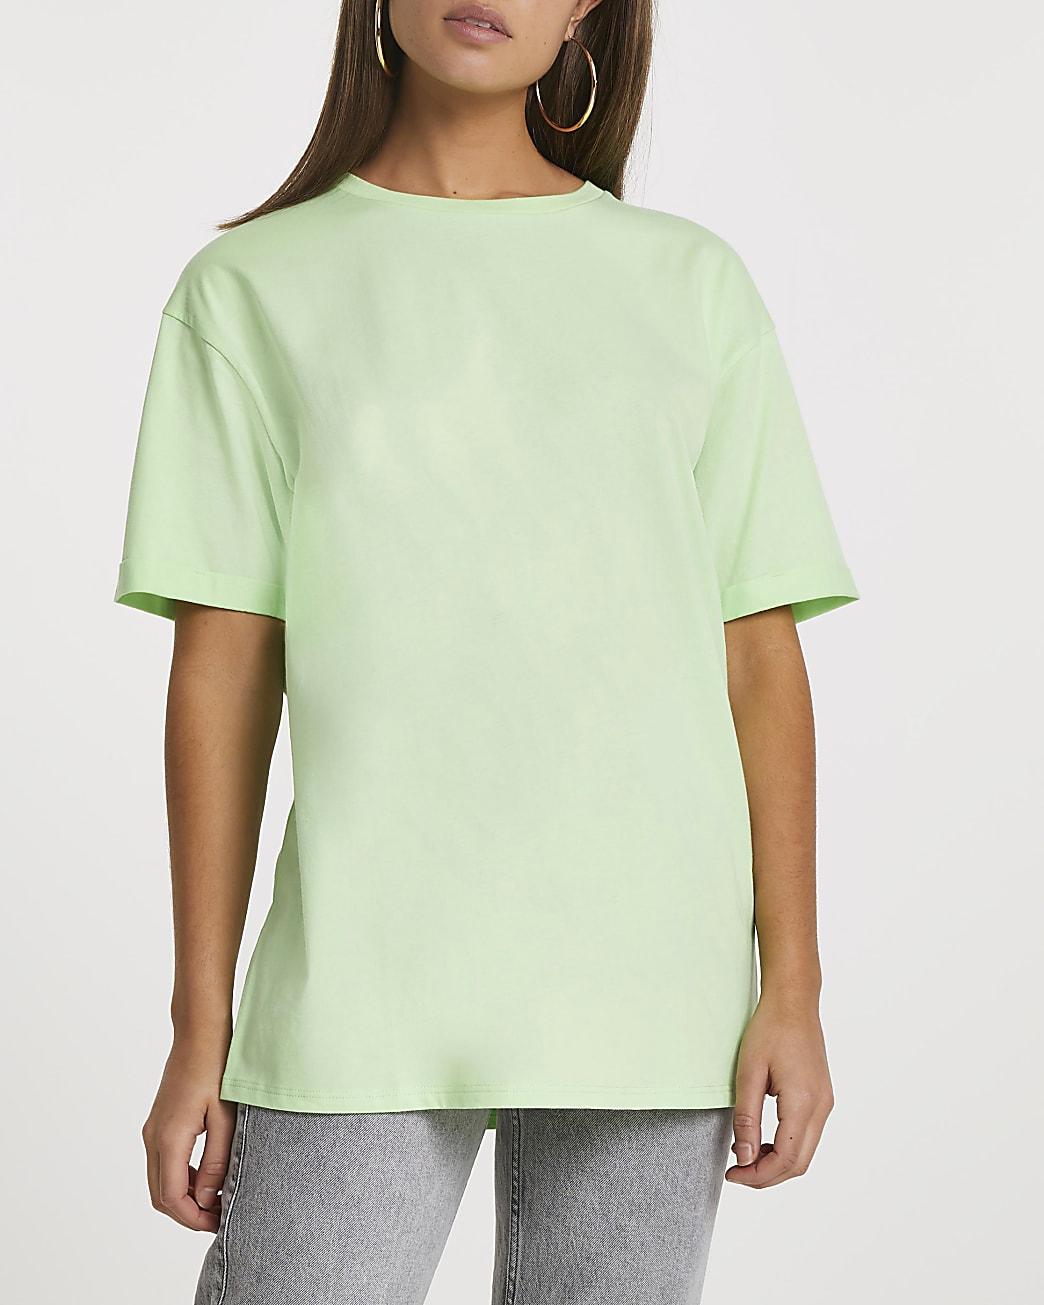 Green short sleeve boyfriend t-shirt